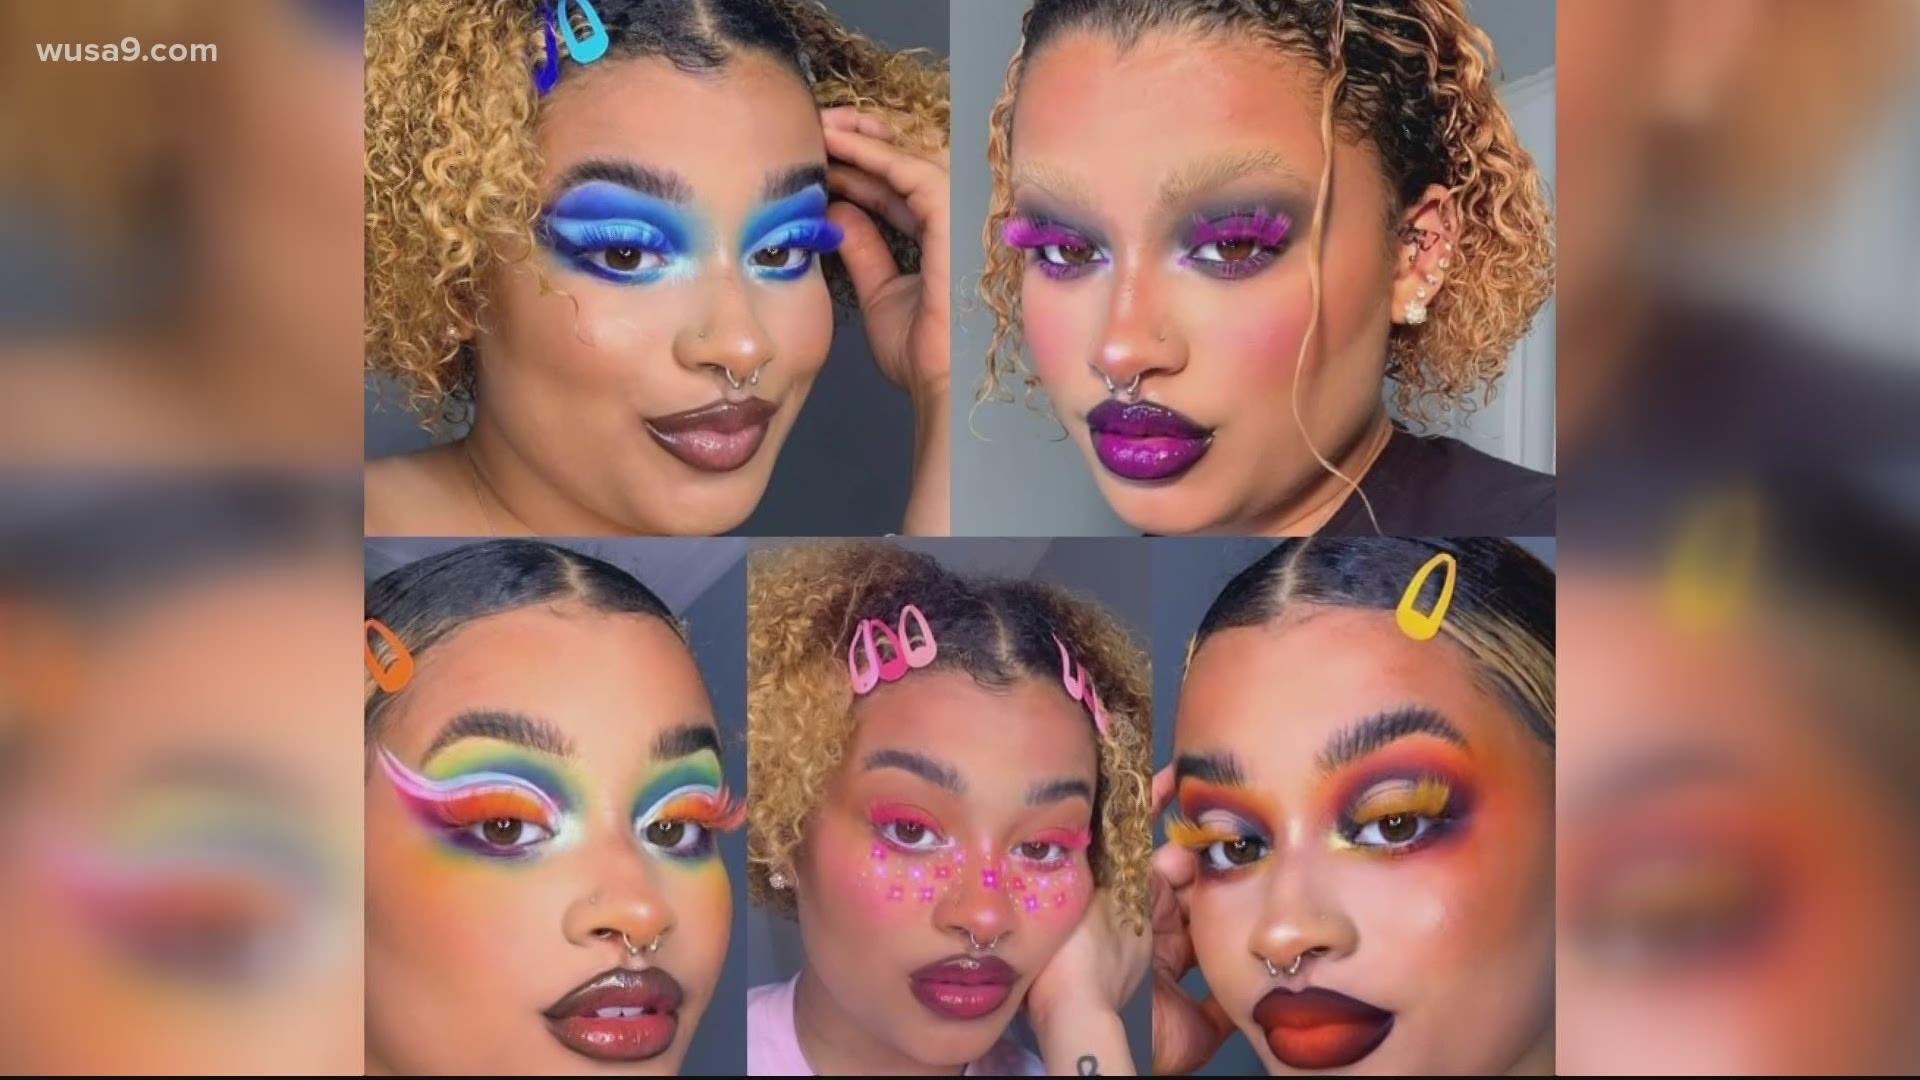 Teen Makeup Artist Uses Instagram To